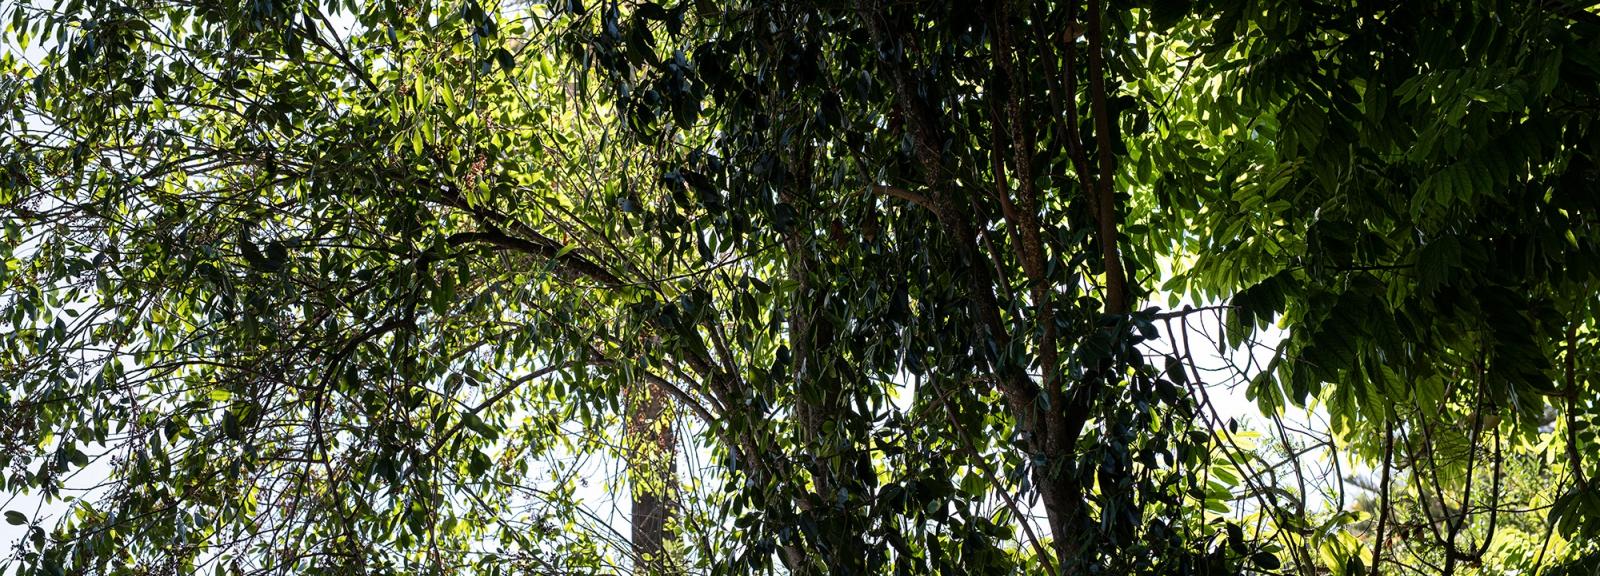 Khat (Catha edulis) - Jardin botanique Val Rahmeh-Menton © MNHN - Agnès Iatzoura